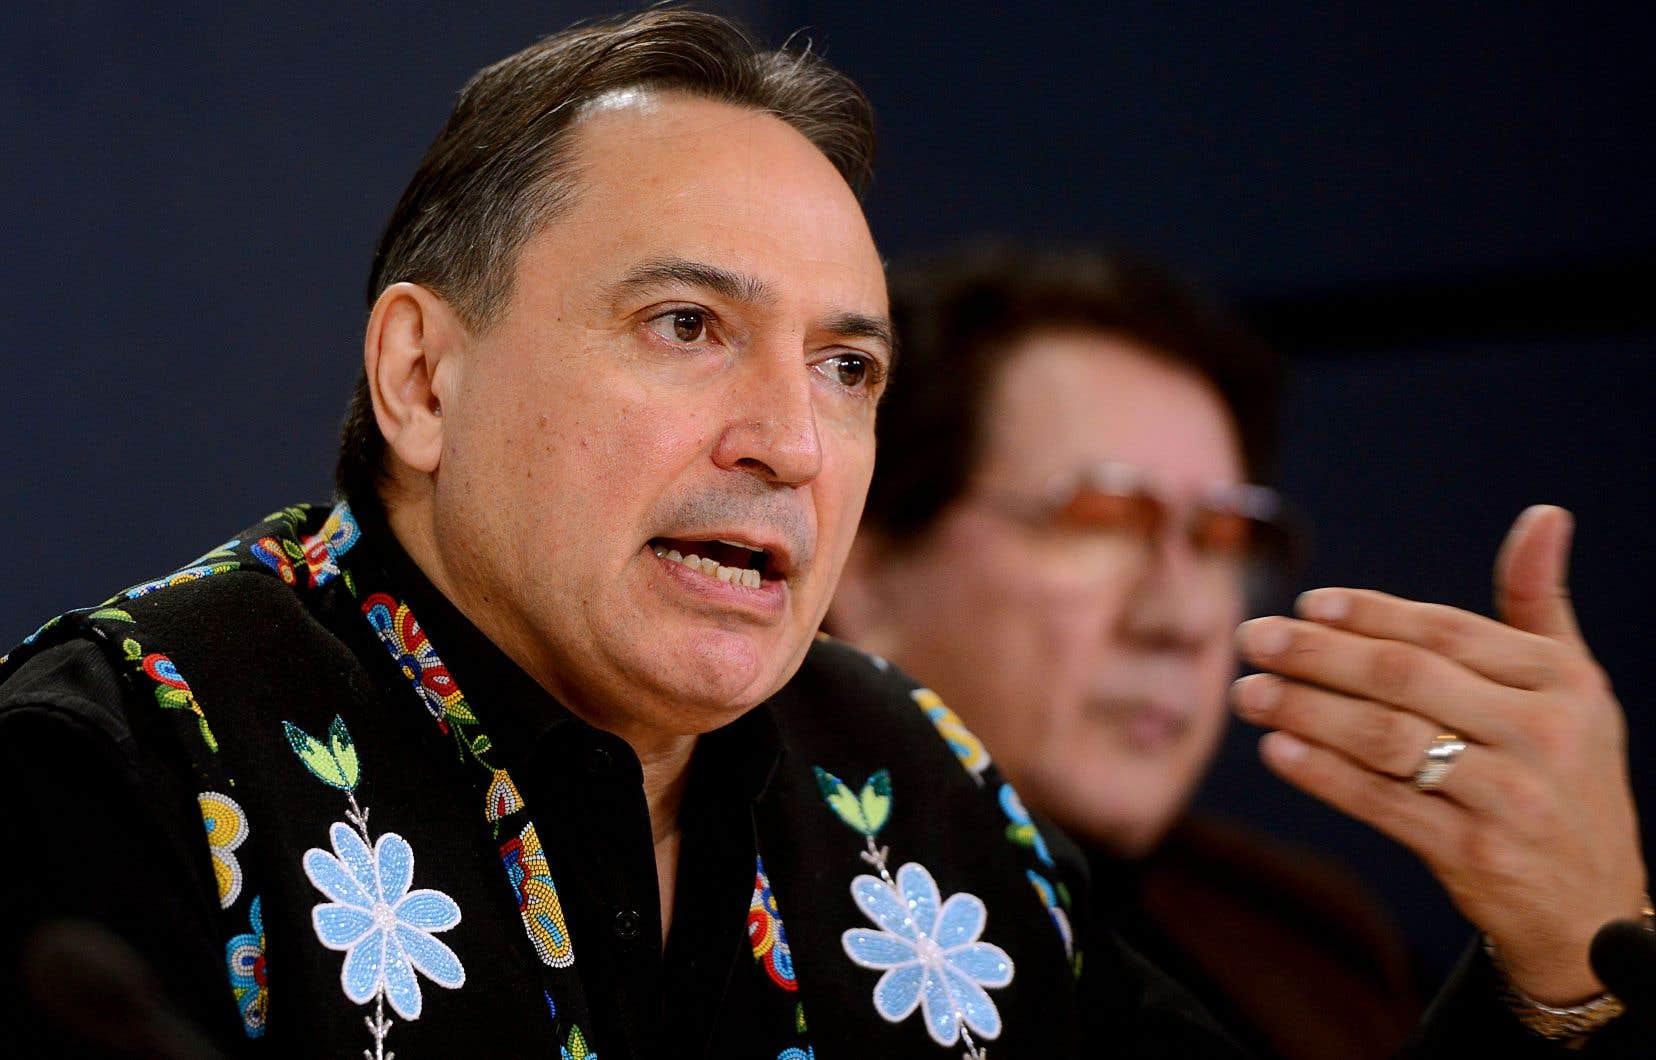 Le chef de l'Assemblée des Premières nations, accompagné de quatre autres chefs autochtones, a invité les parties à discuter pour trouver une issue pacifique au conflit.